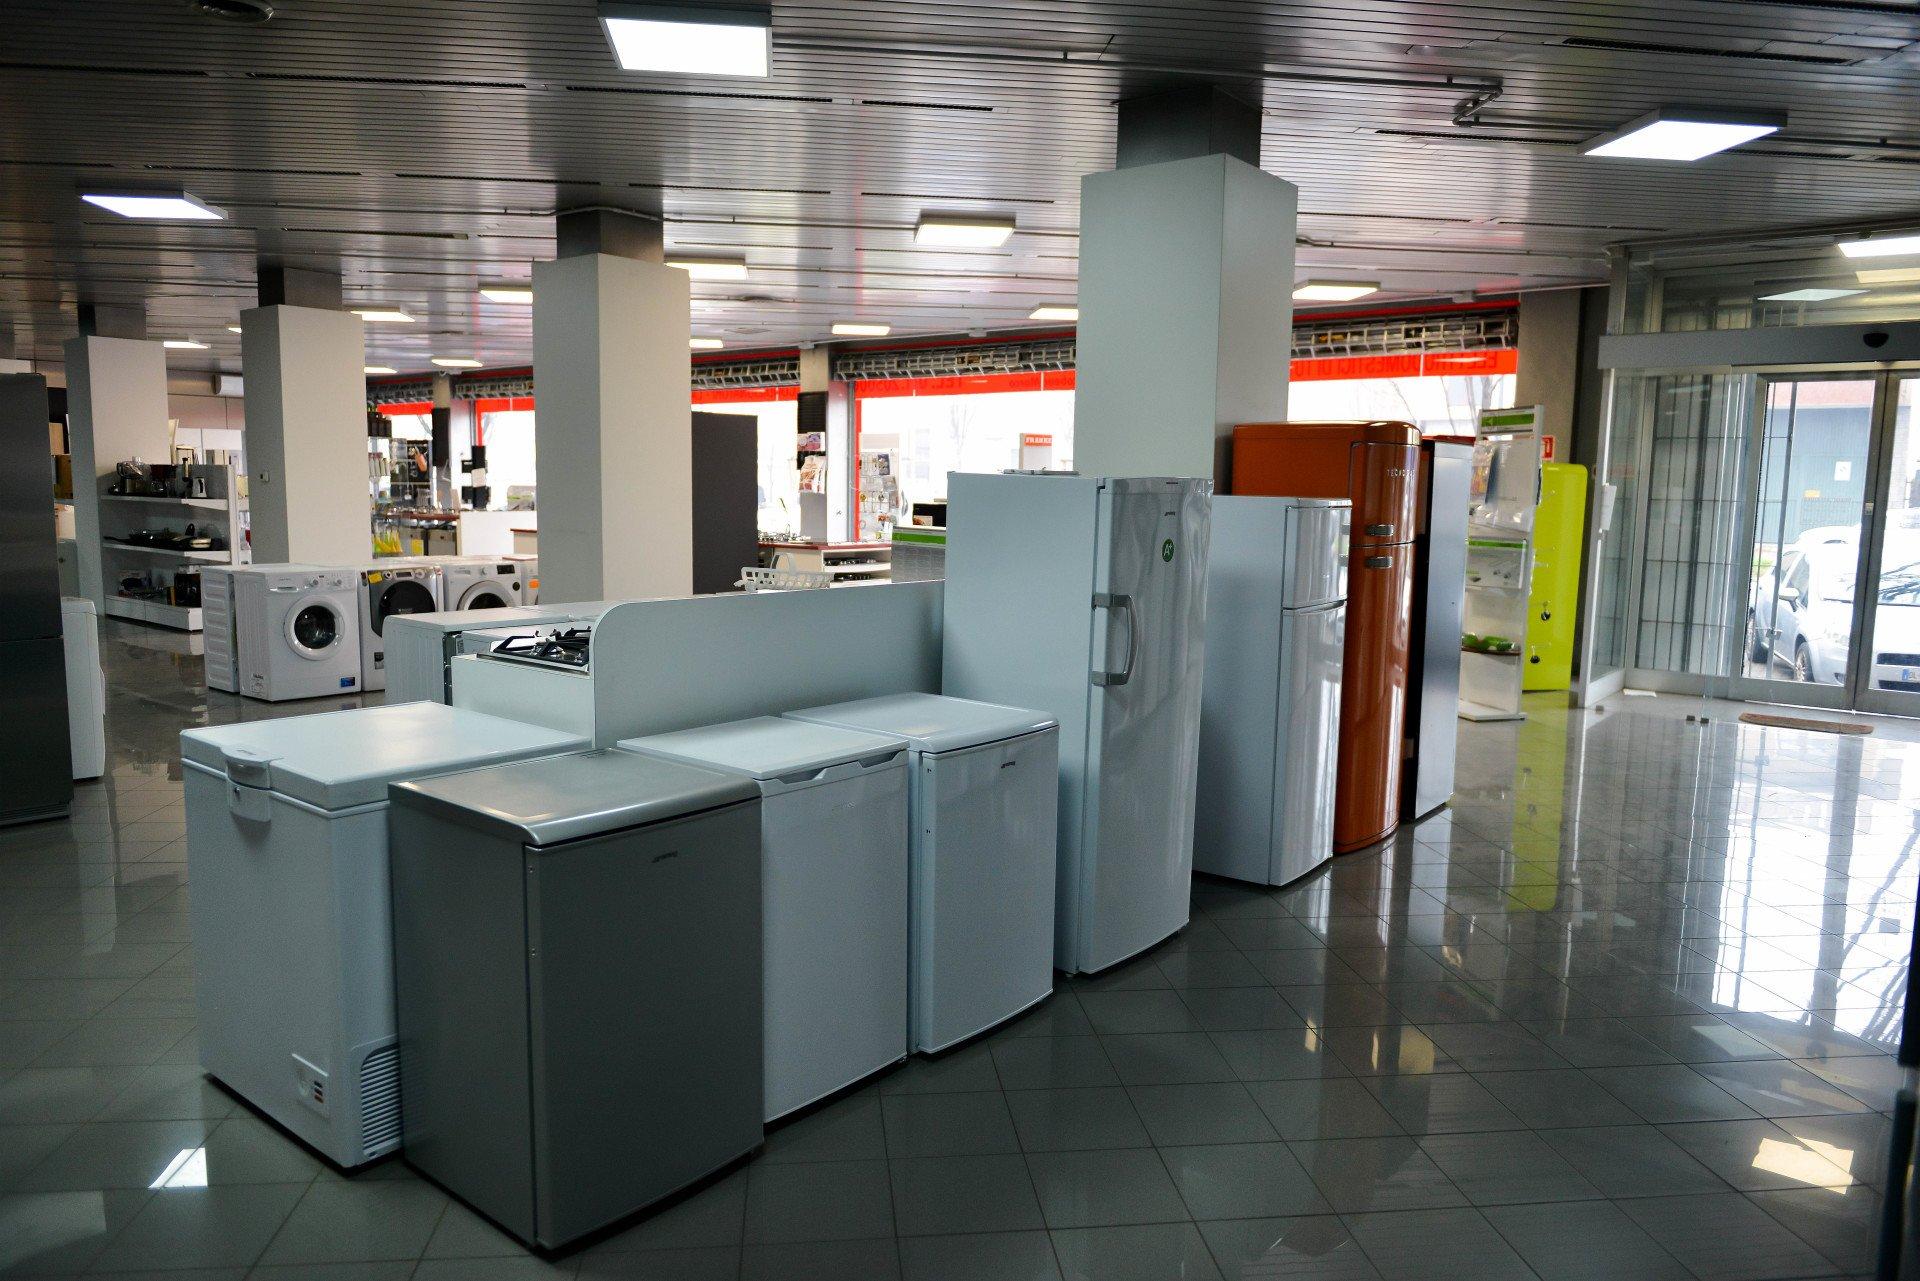 Vendita elettrodomestici - Torino - Alla fonte del ricambio